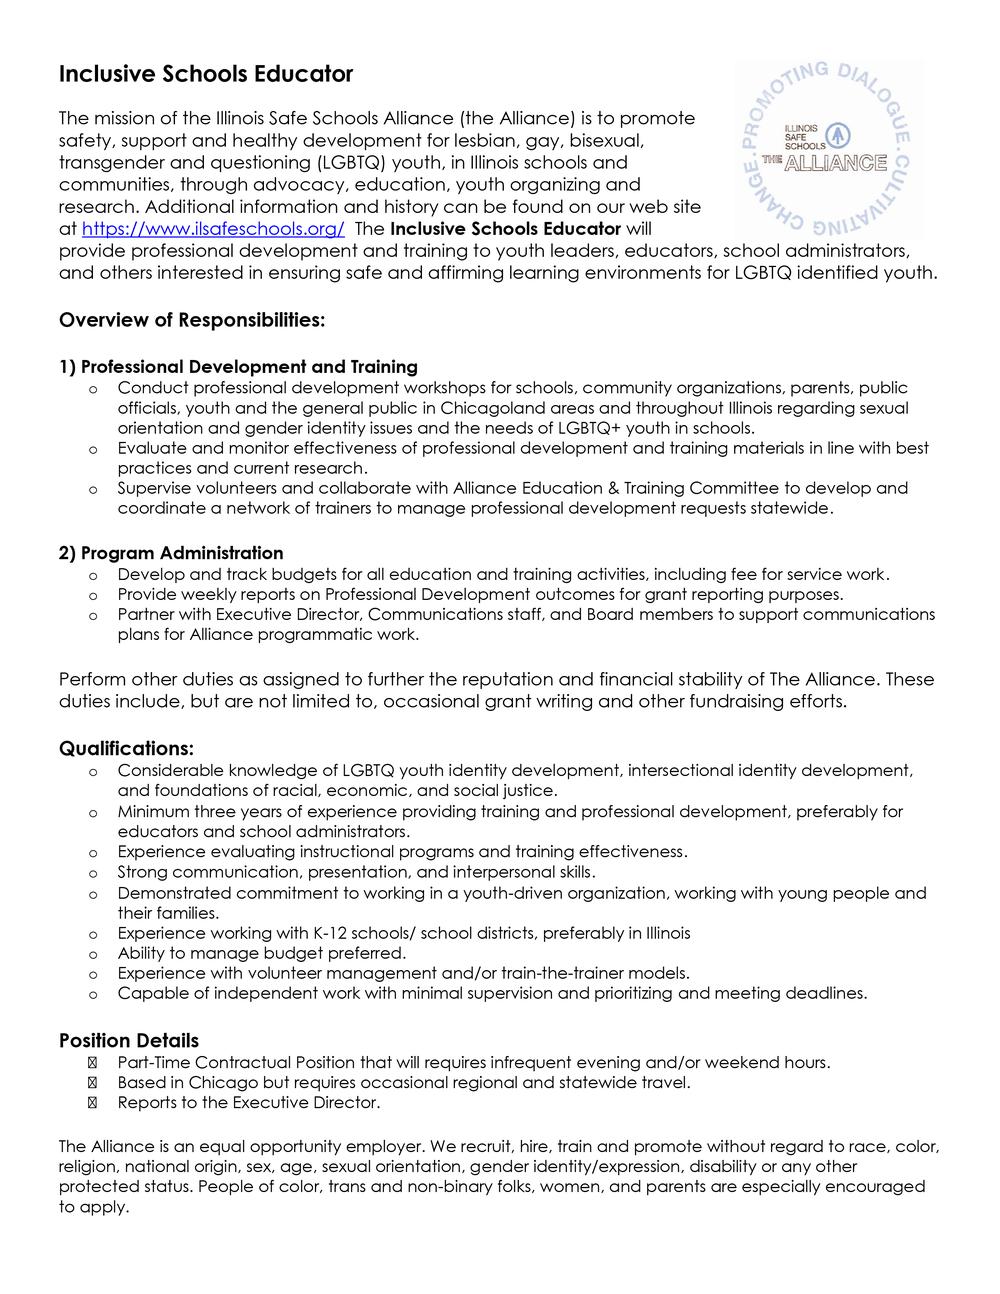 Inclusive Schools Educator Job Description-01.png